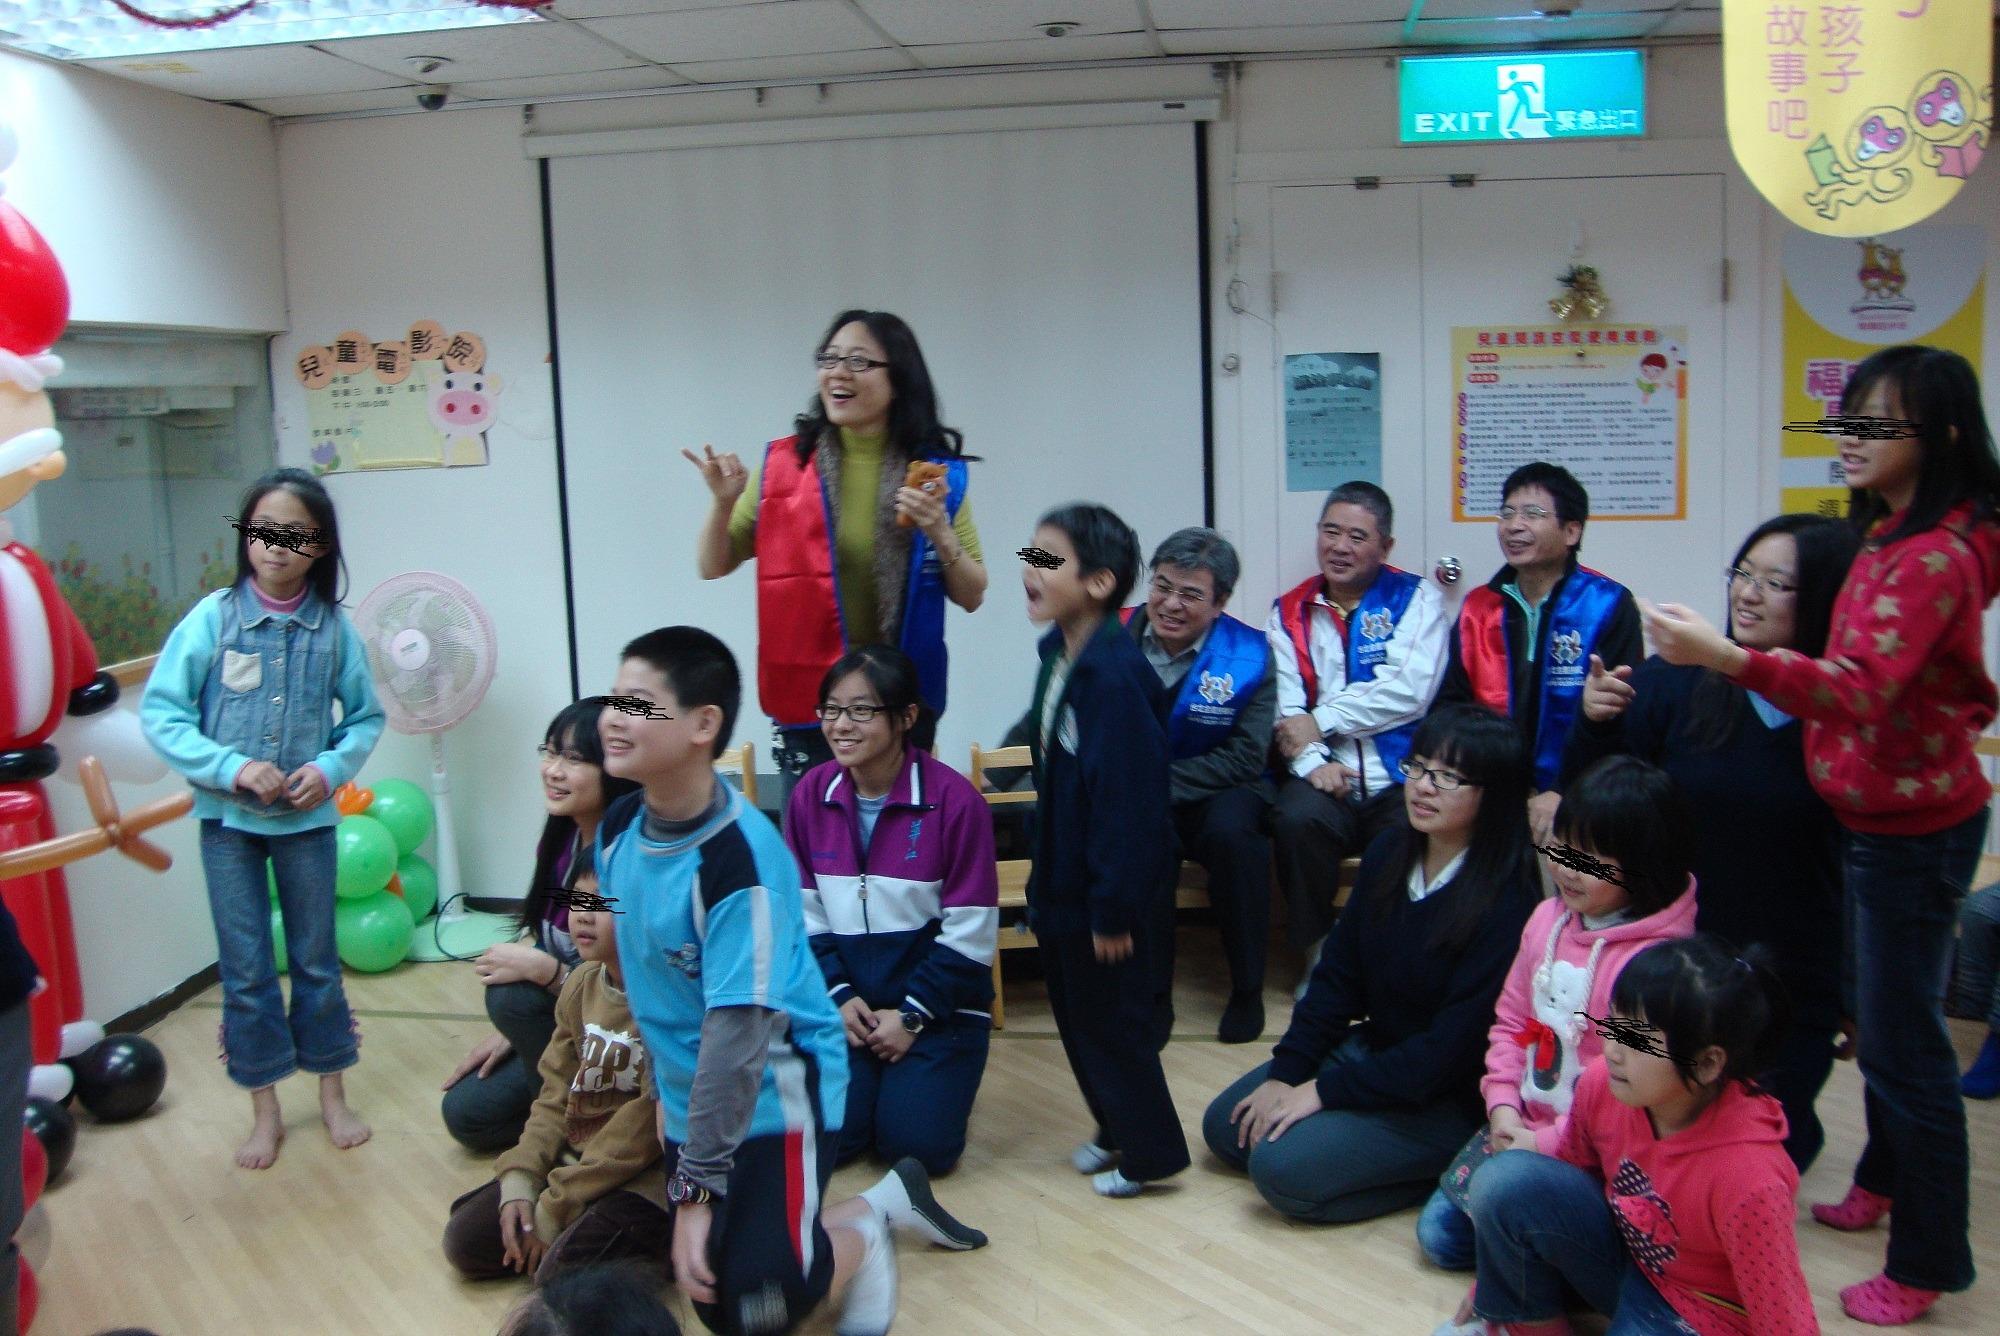 活動成果2 金鷹扶輪社「聖誕節溫馨不打烊」活動